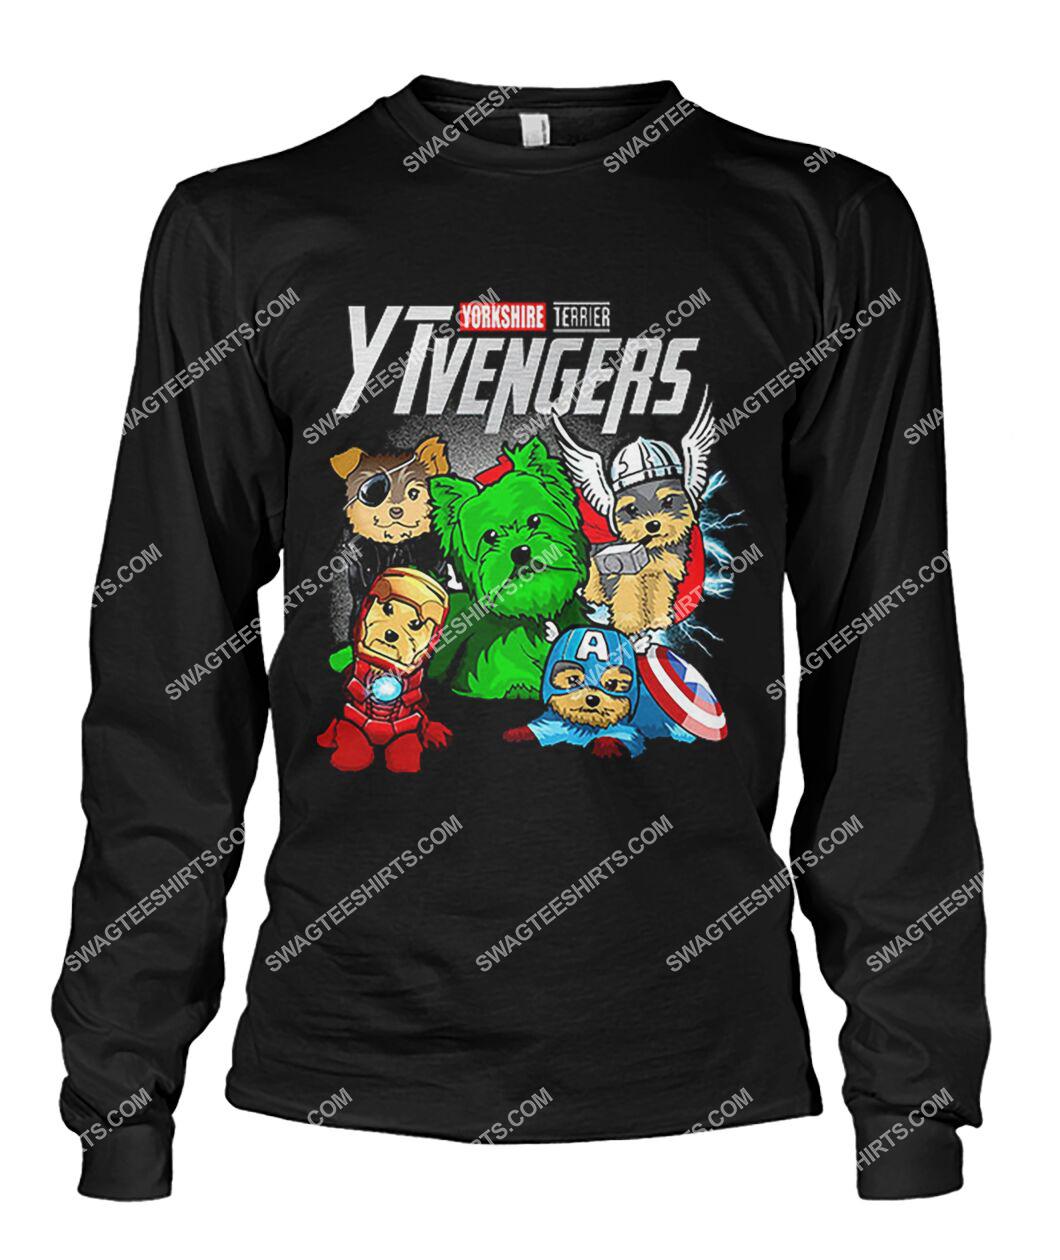 yorkshire terrier ytvengers marvel avengers dogs lover sweatshirt 1